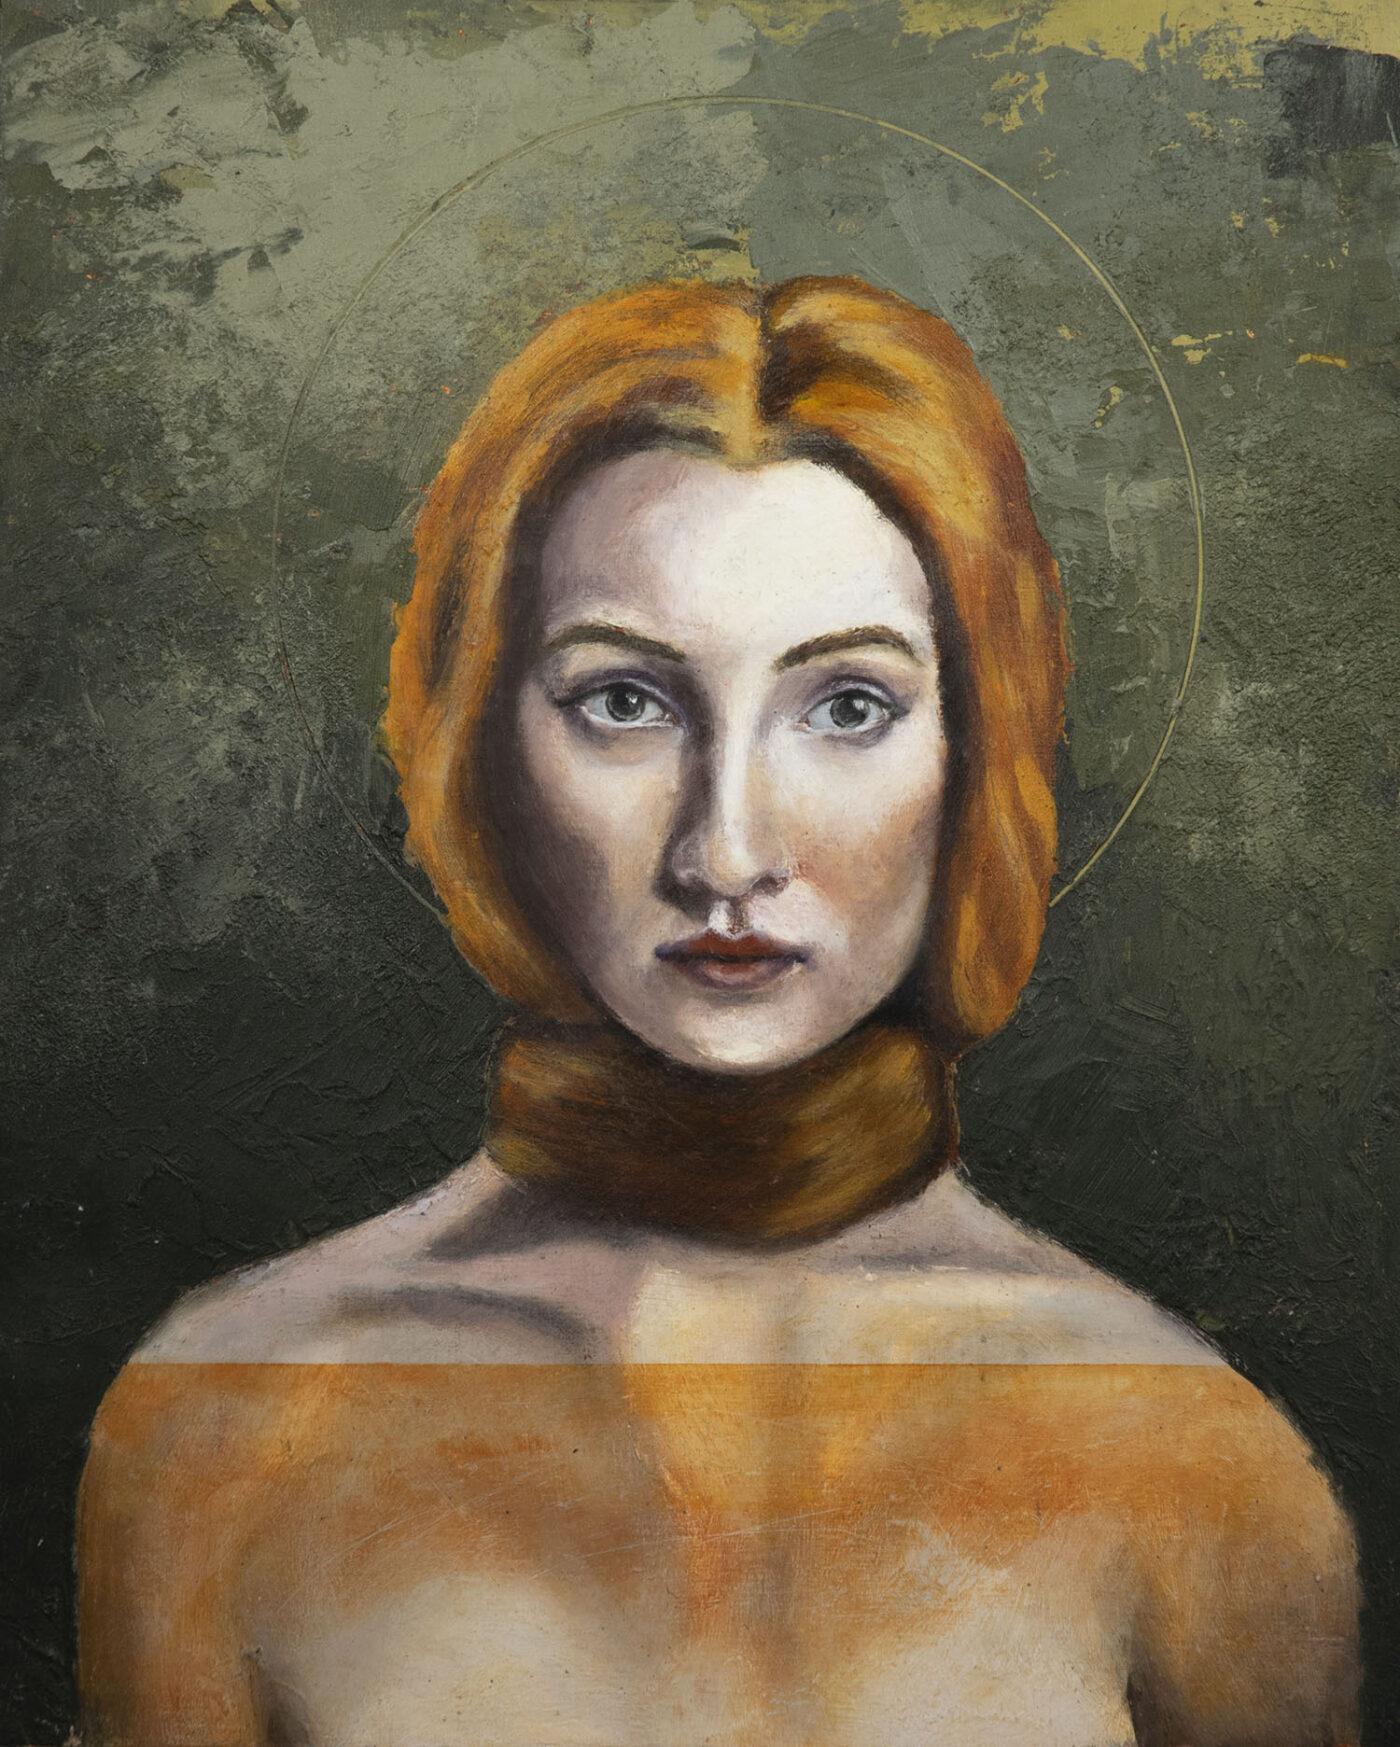 André Romijn portrait painter